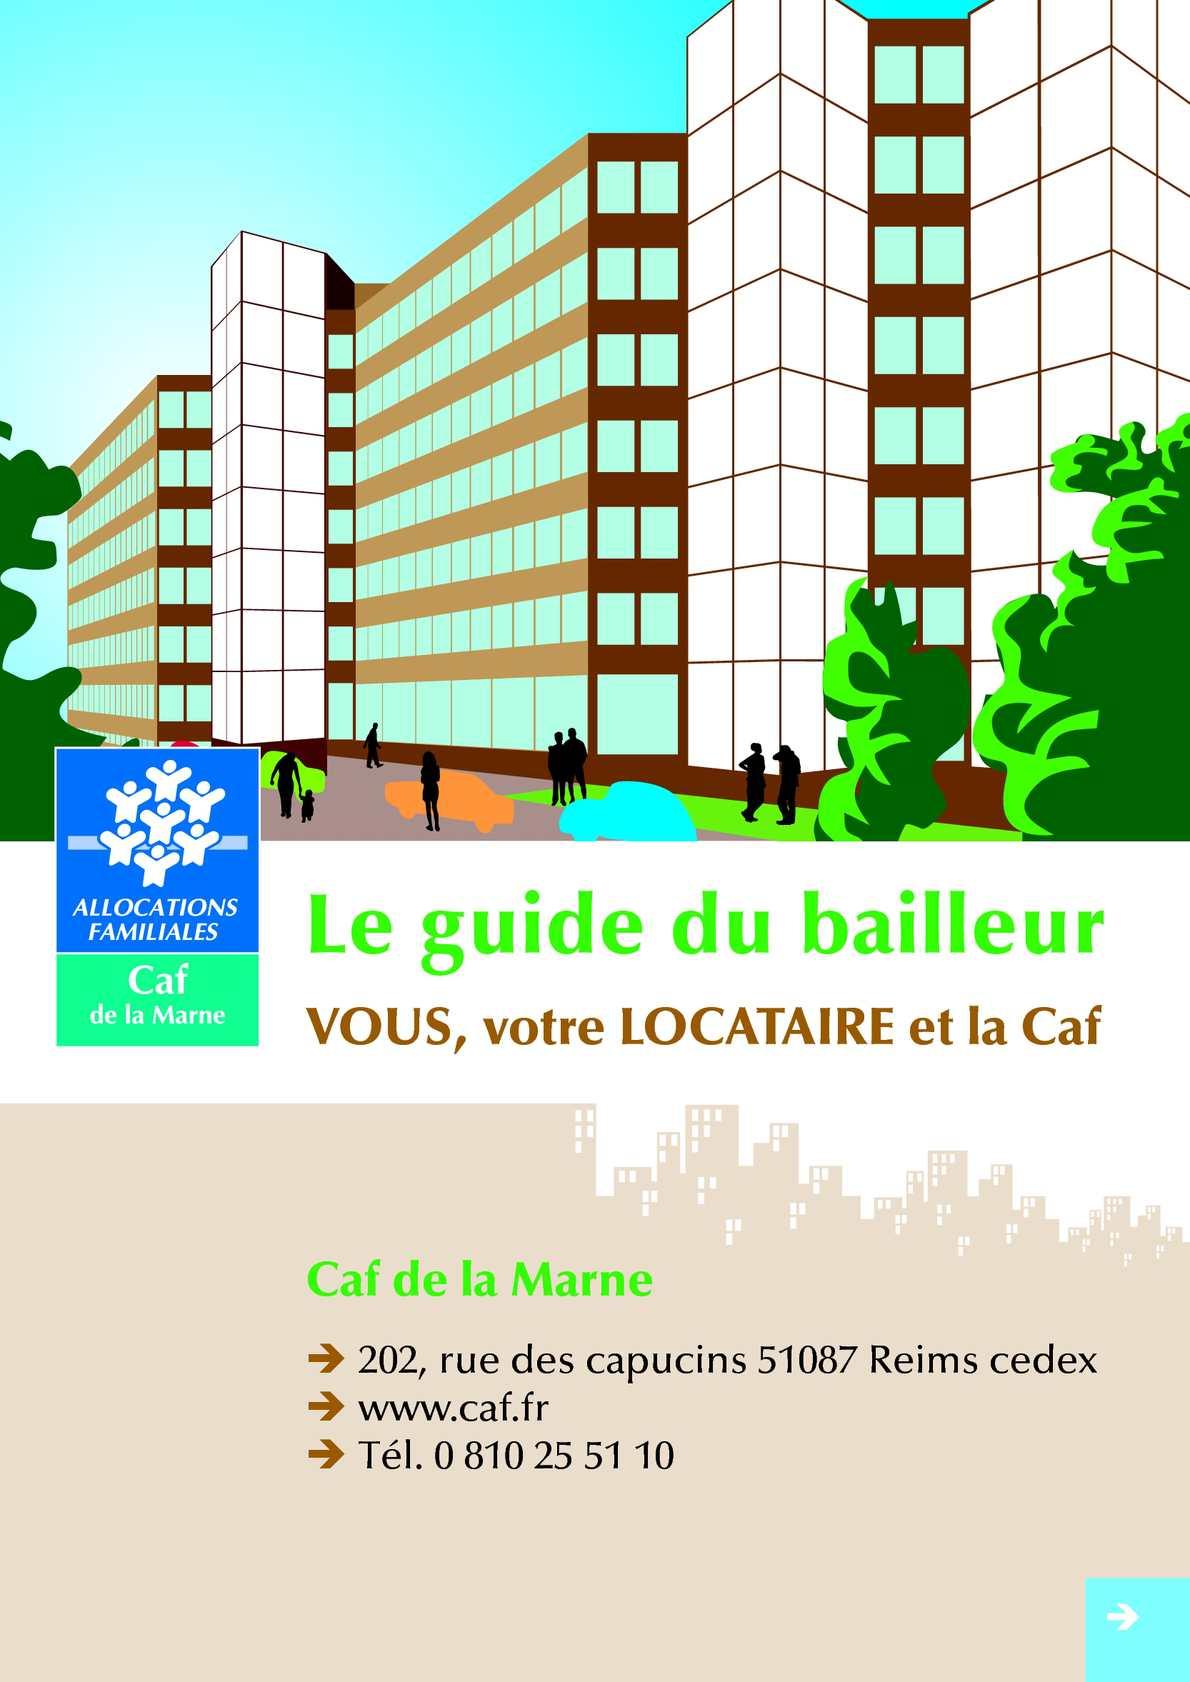 La Caf Fr Reims